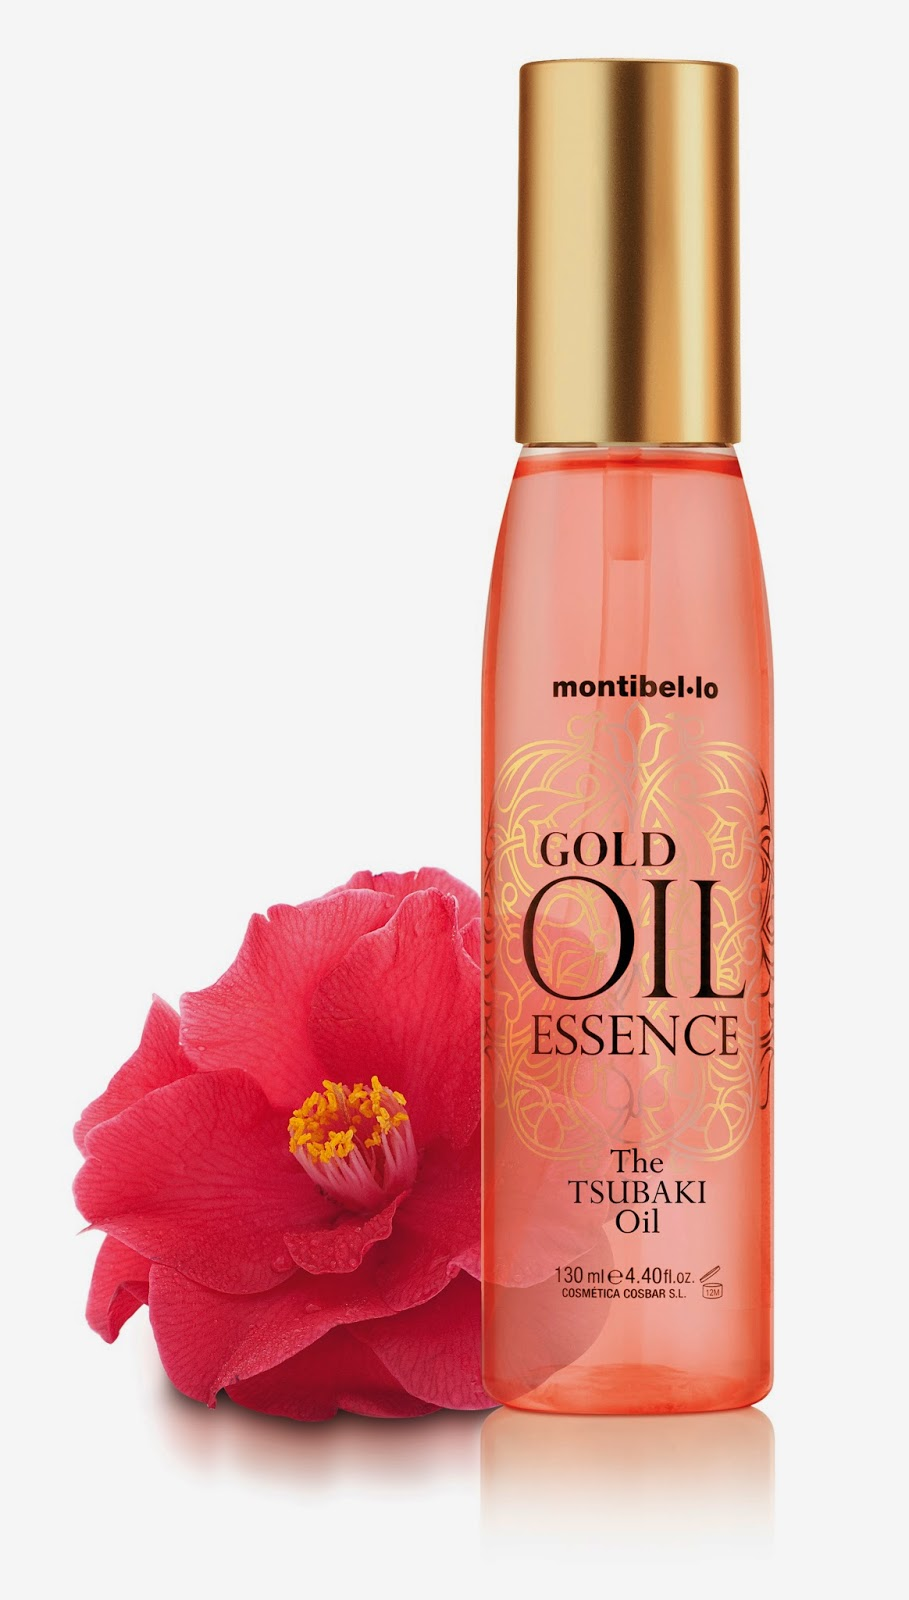 Cabello brillante, fuerte y más denso con THE TSUBAKI OIL